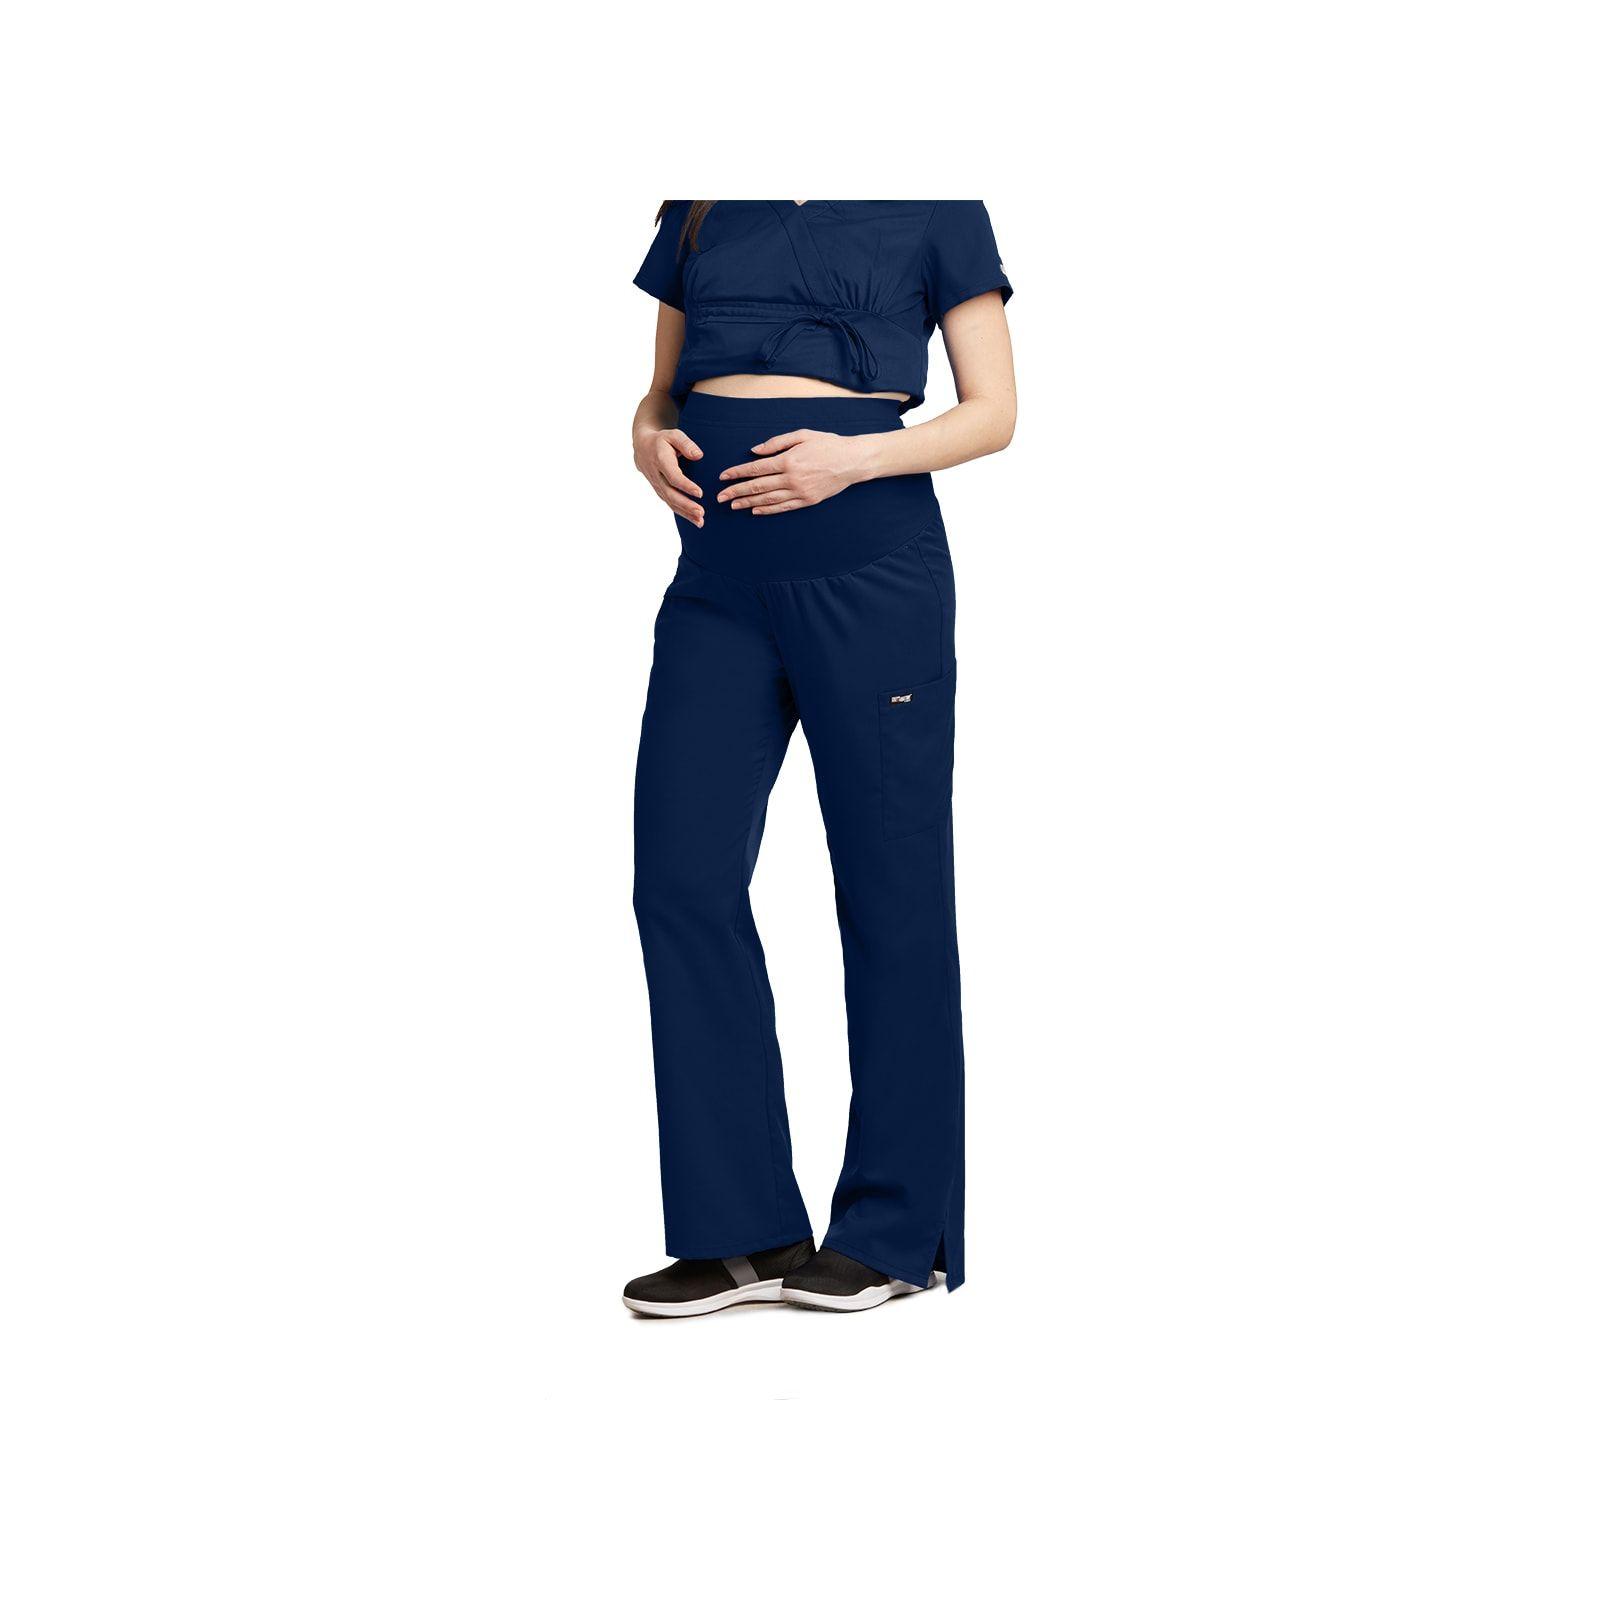 """Pantalon médical maternité, couleur bleu marine vue de face, """"Grey's Anatomy"""", Barco (6202-)"""